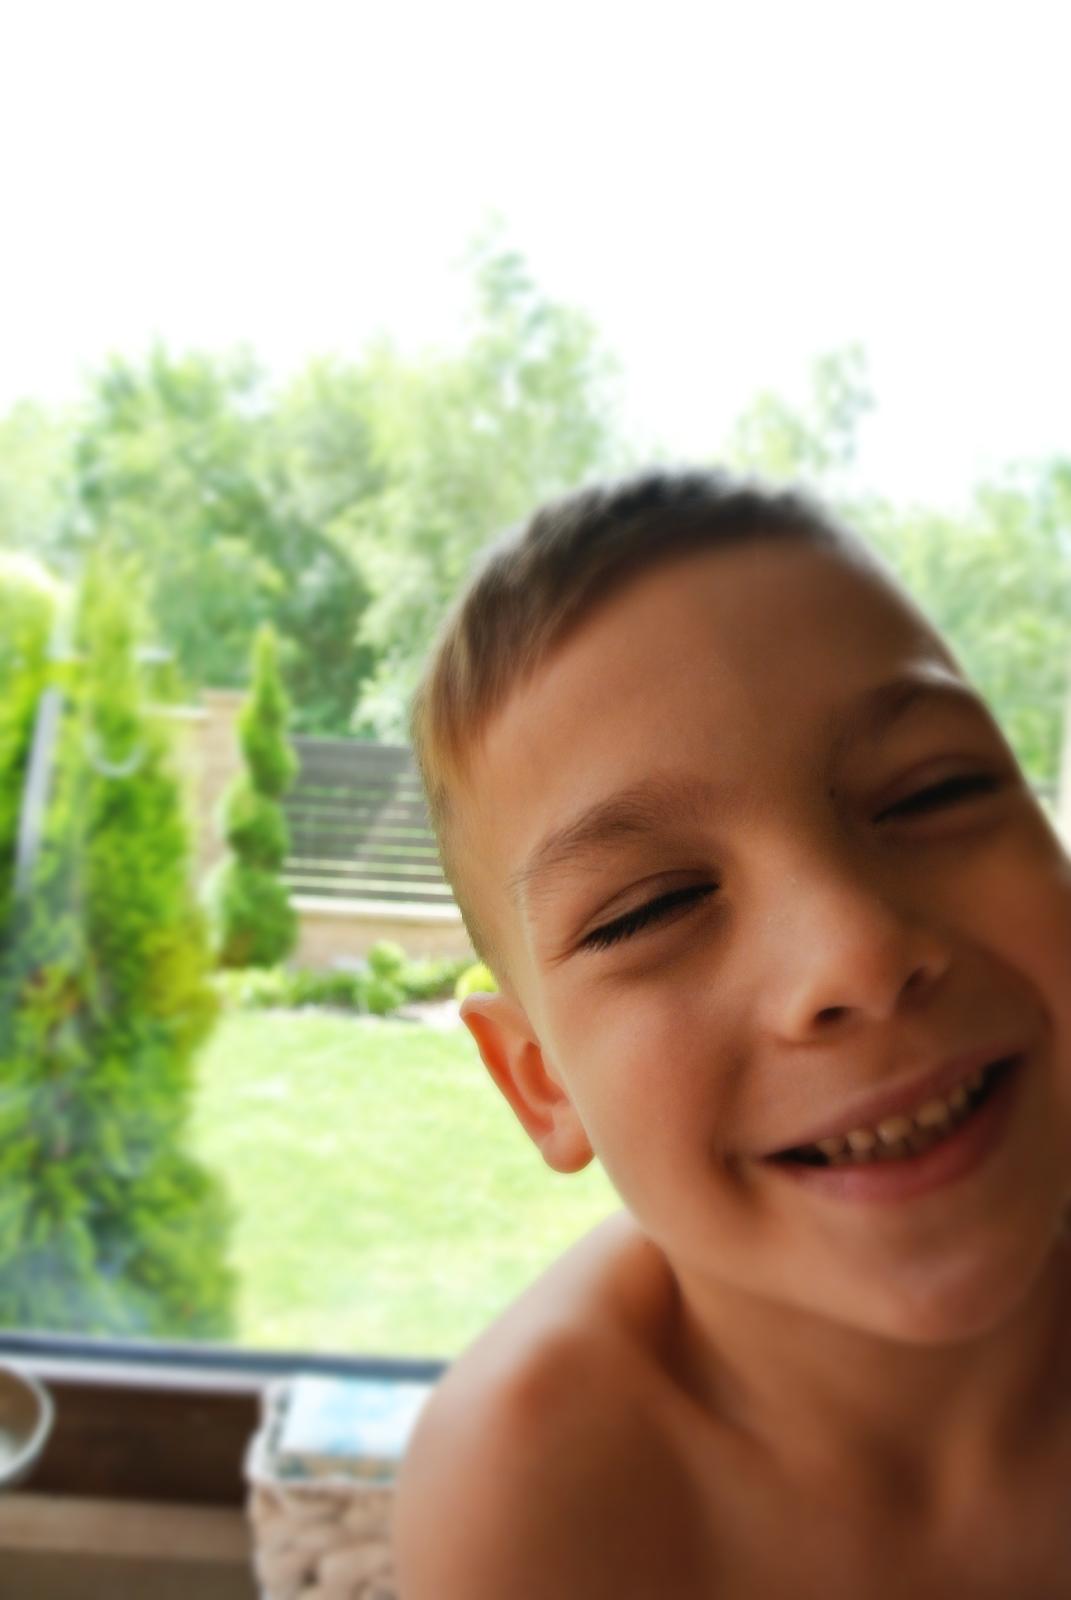 chłopiec,radość,śmiech dziecka,spirala,tuja spirala,cięcie spirali